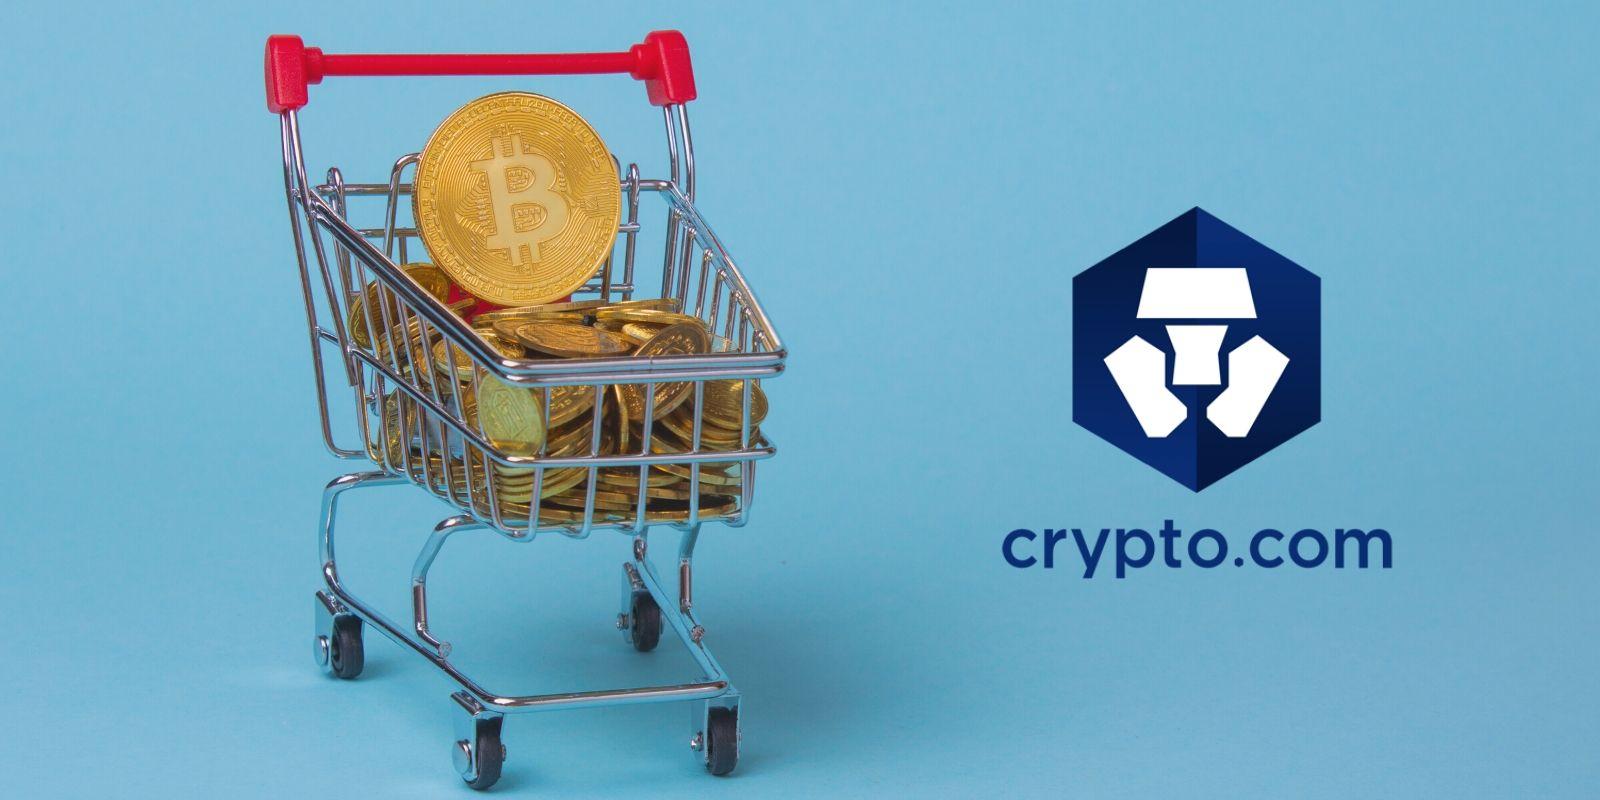 crypto-com-pay